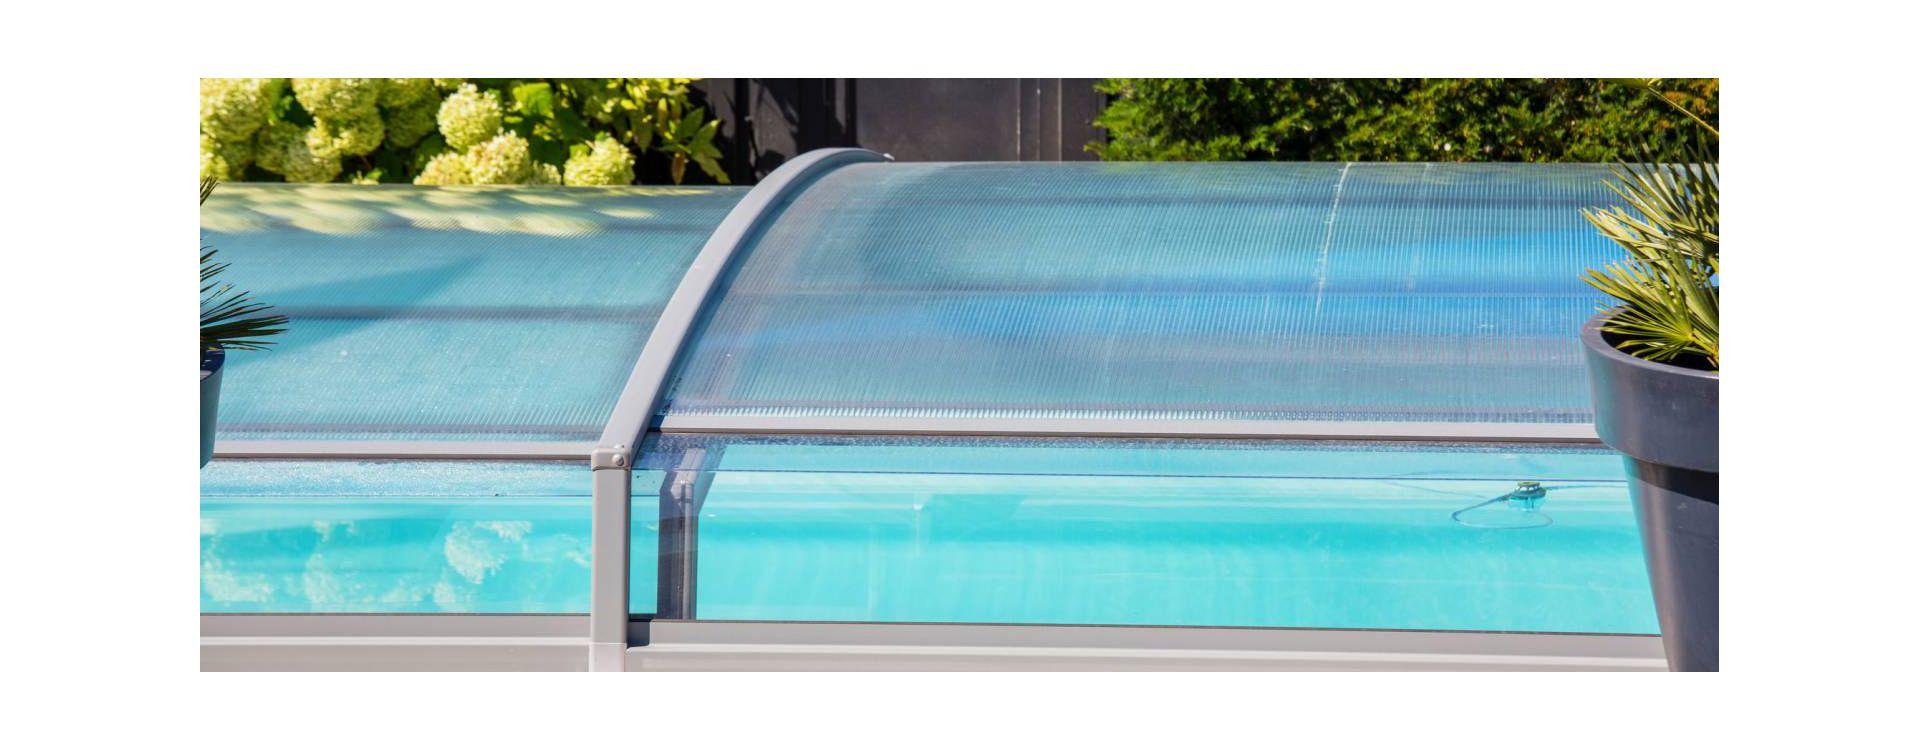 Comment effectuer une bonne mise en eau de votre piscine ?